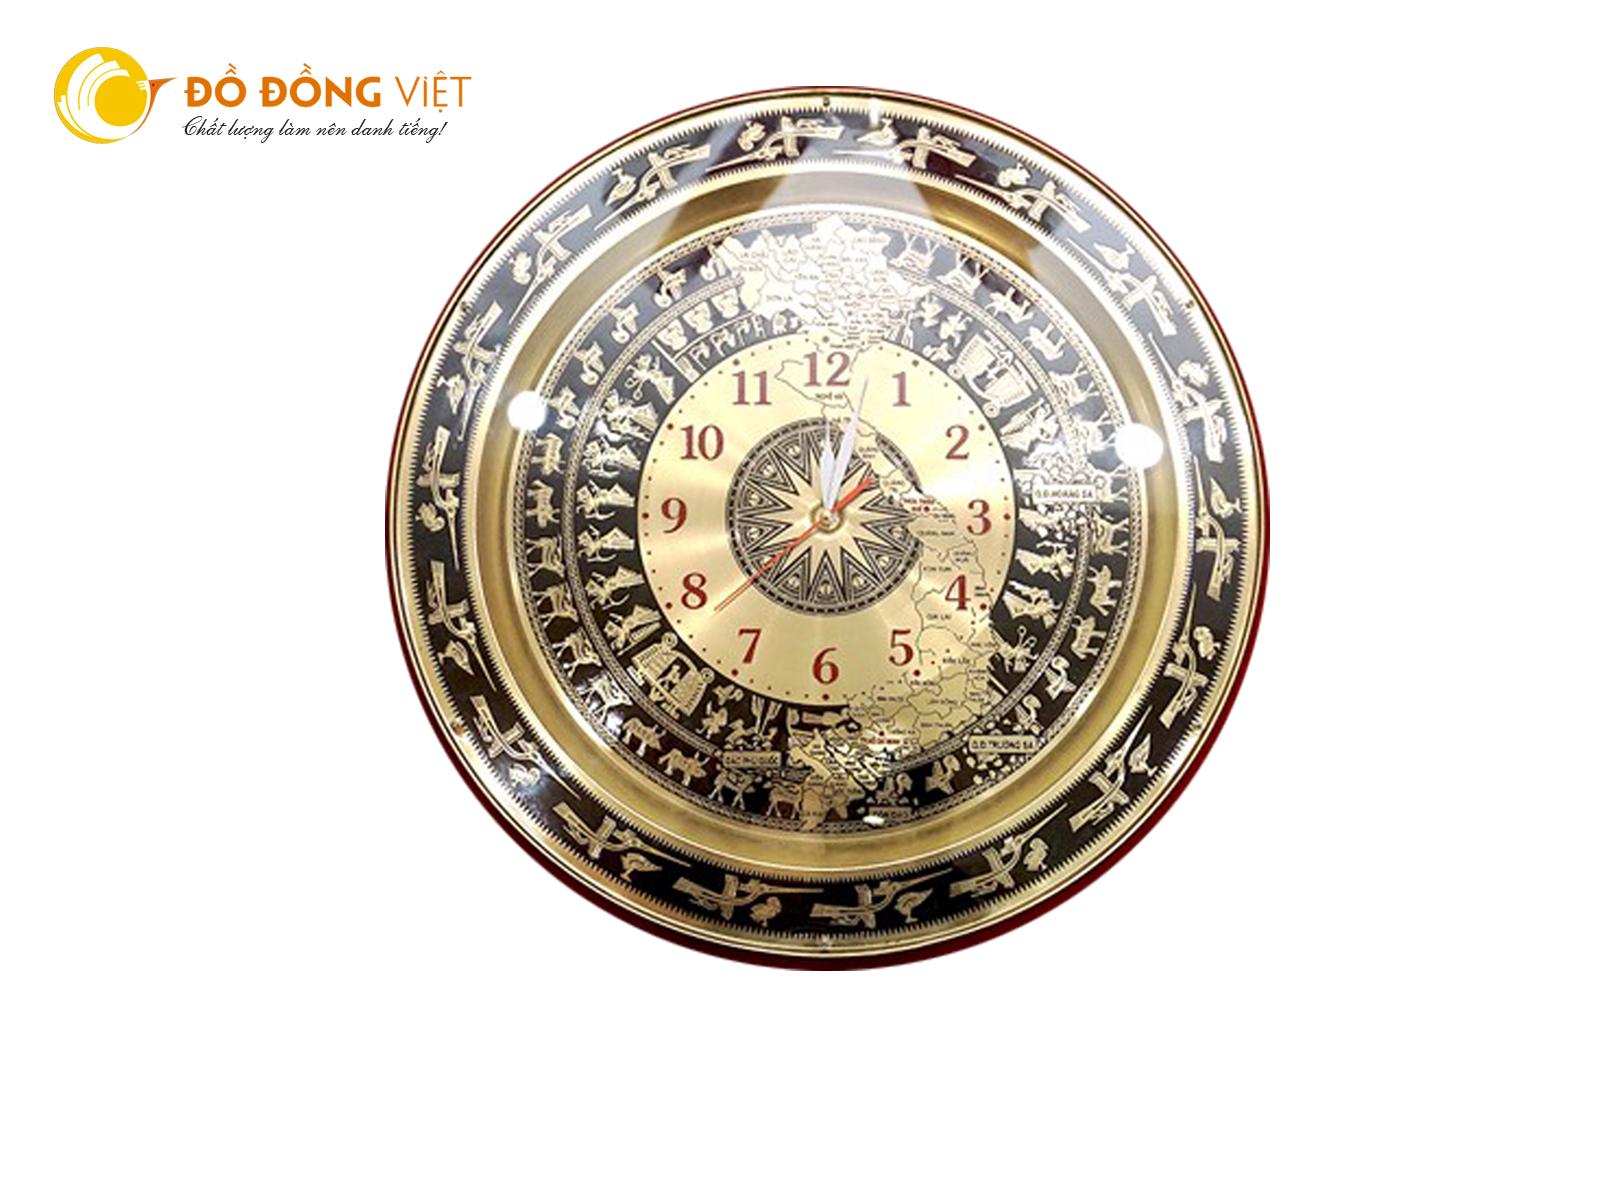 Đồng hồ mặt trống đồng đông sơn quà tặng trống đồng lưu niệm